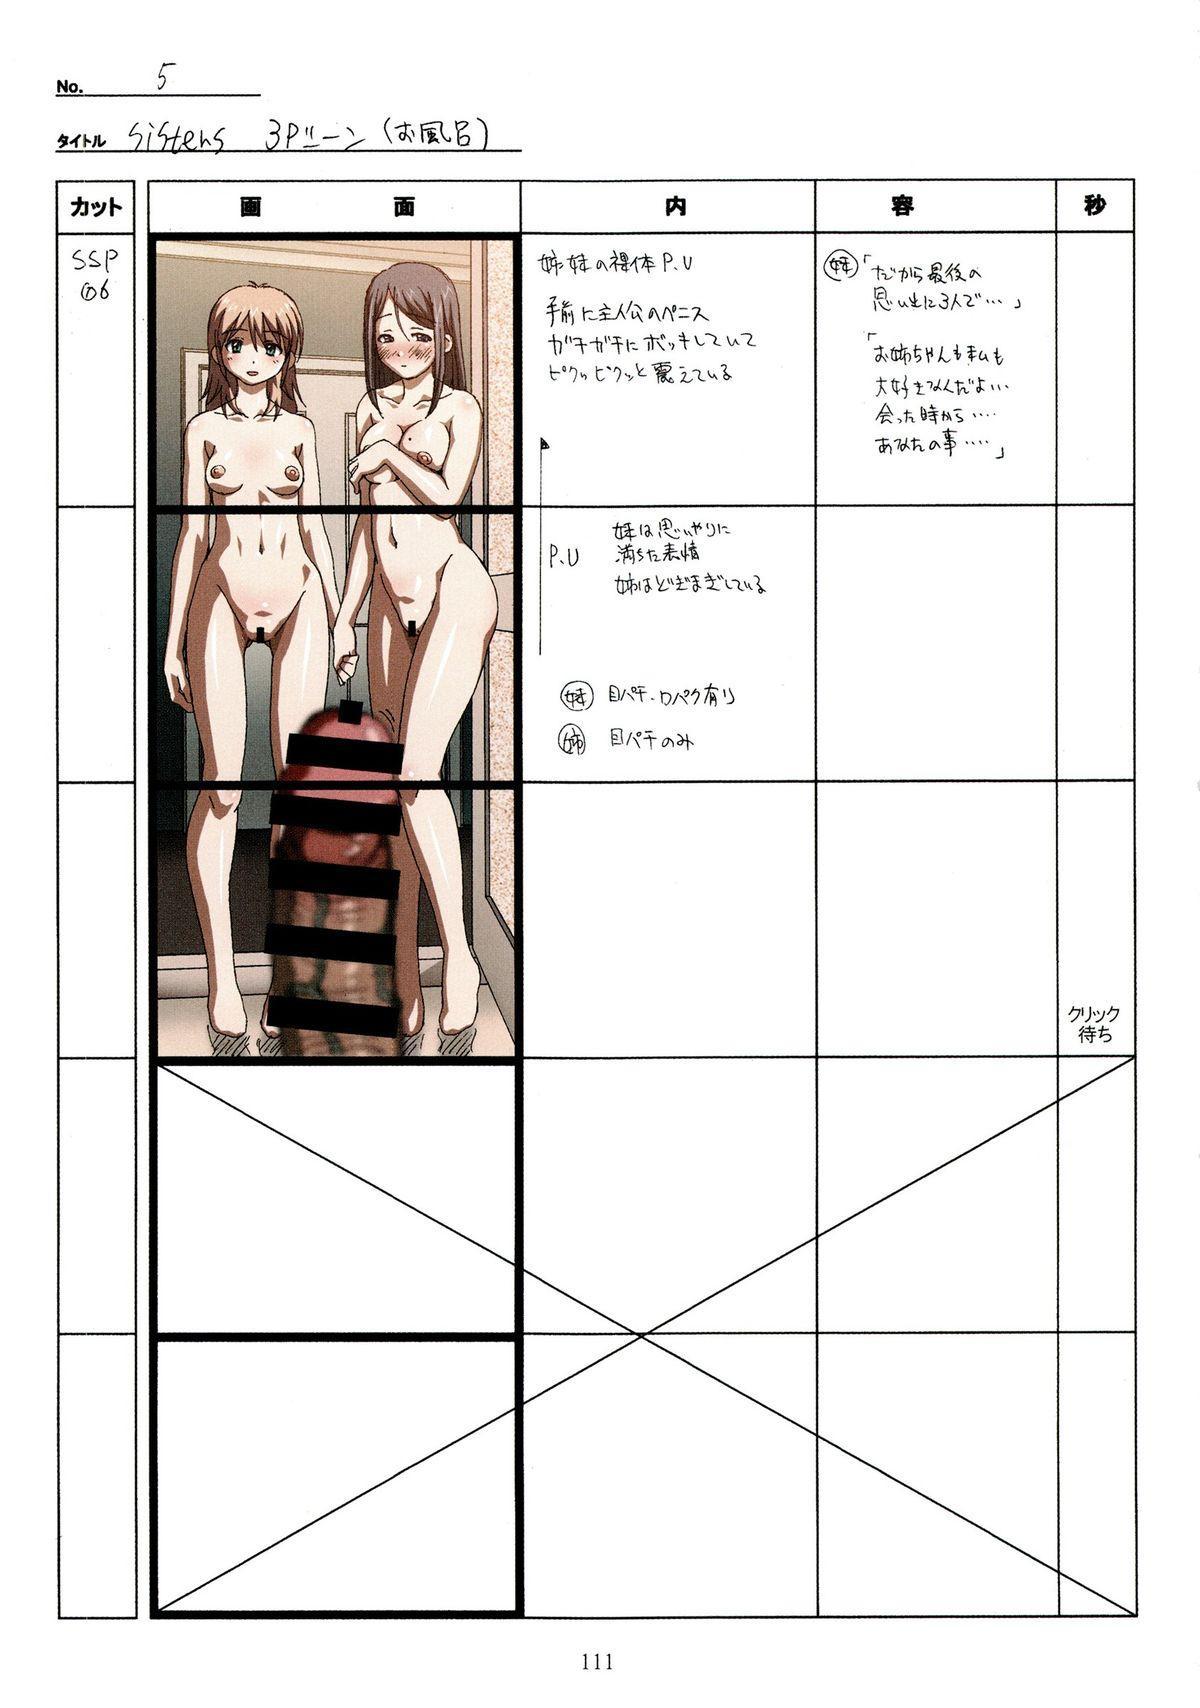 (C89) [Makino Jimusho (Taki Minashika)] SISTERS -Natsu no Saigo no Hi- H Scene All Part Storyboard (SISTERS -Natsu no Saigo no Hi-) 110